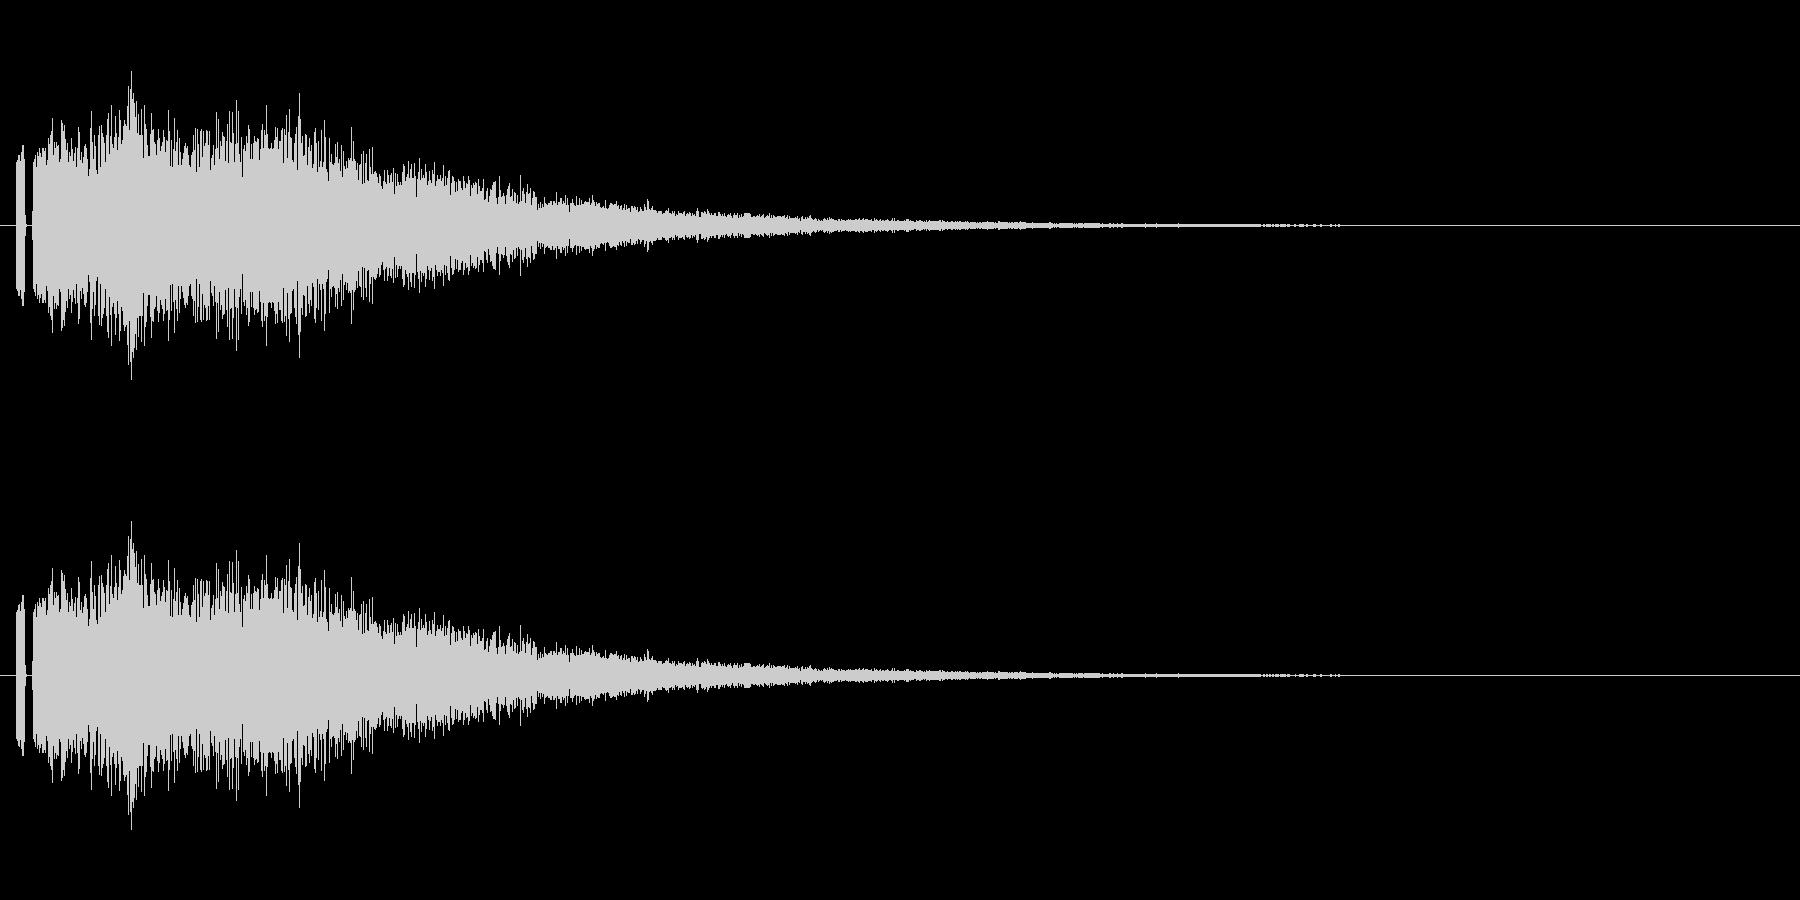 妖精っぽい音。「シャラーン」の未再生の波形